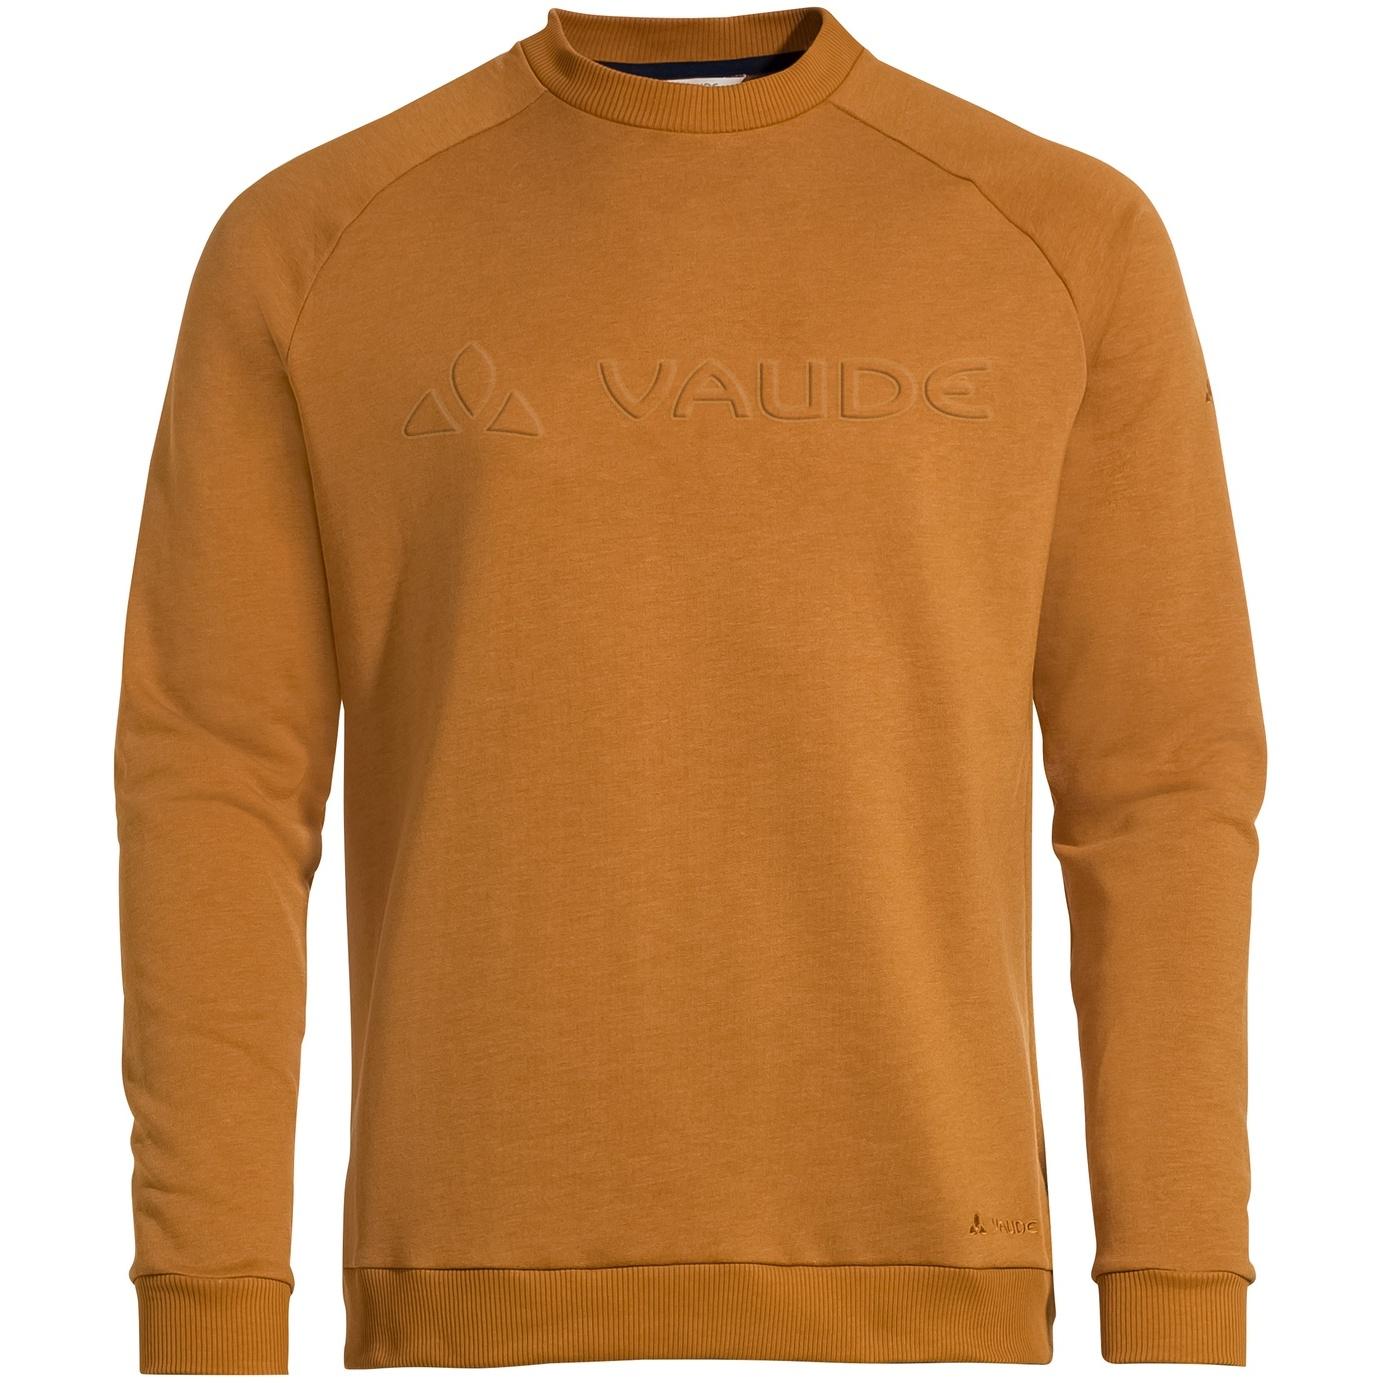 Vaude Mineo Pullover II - silt brown